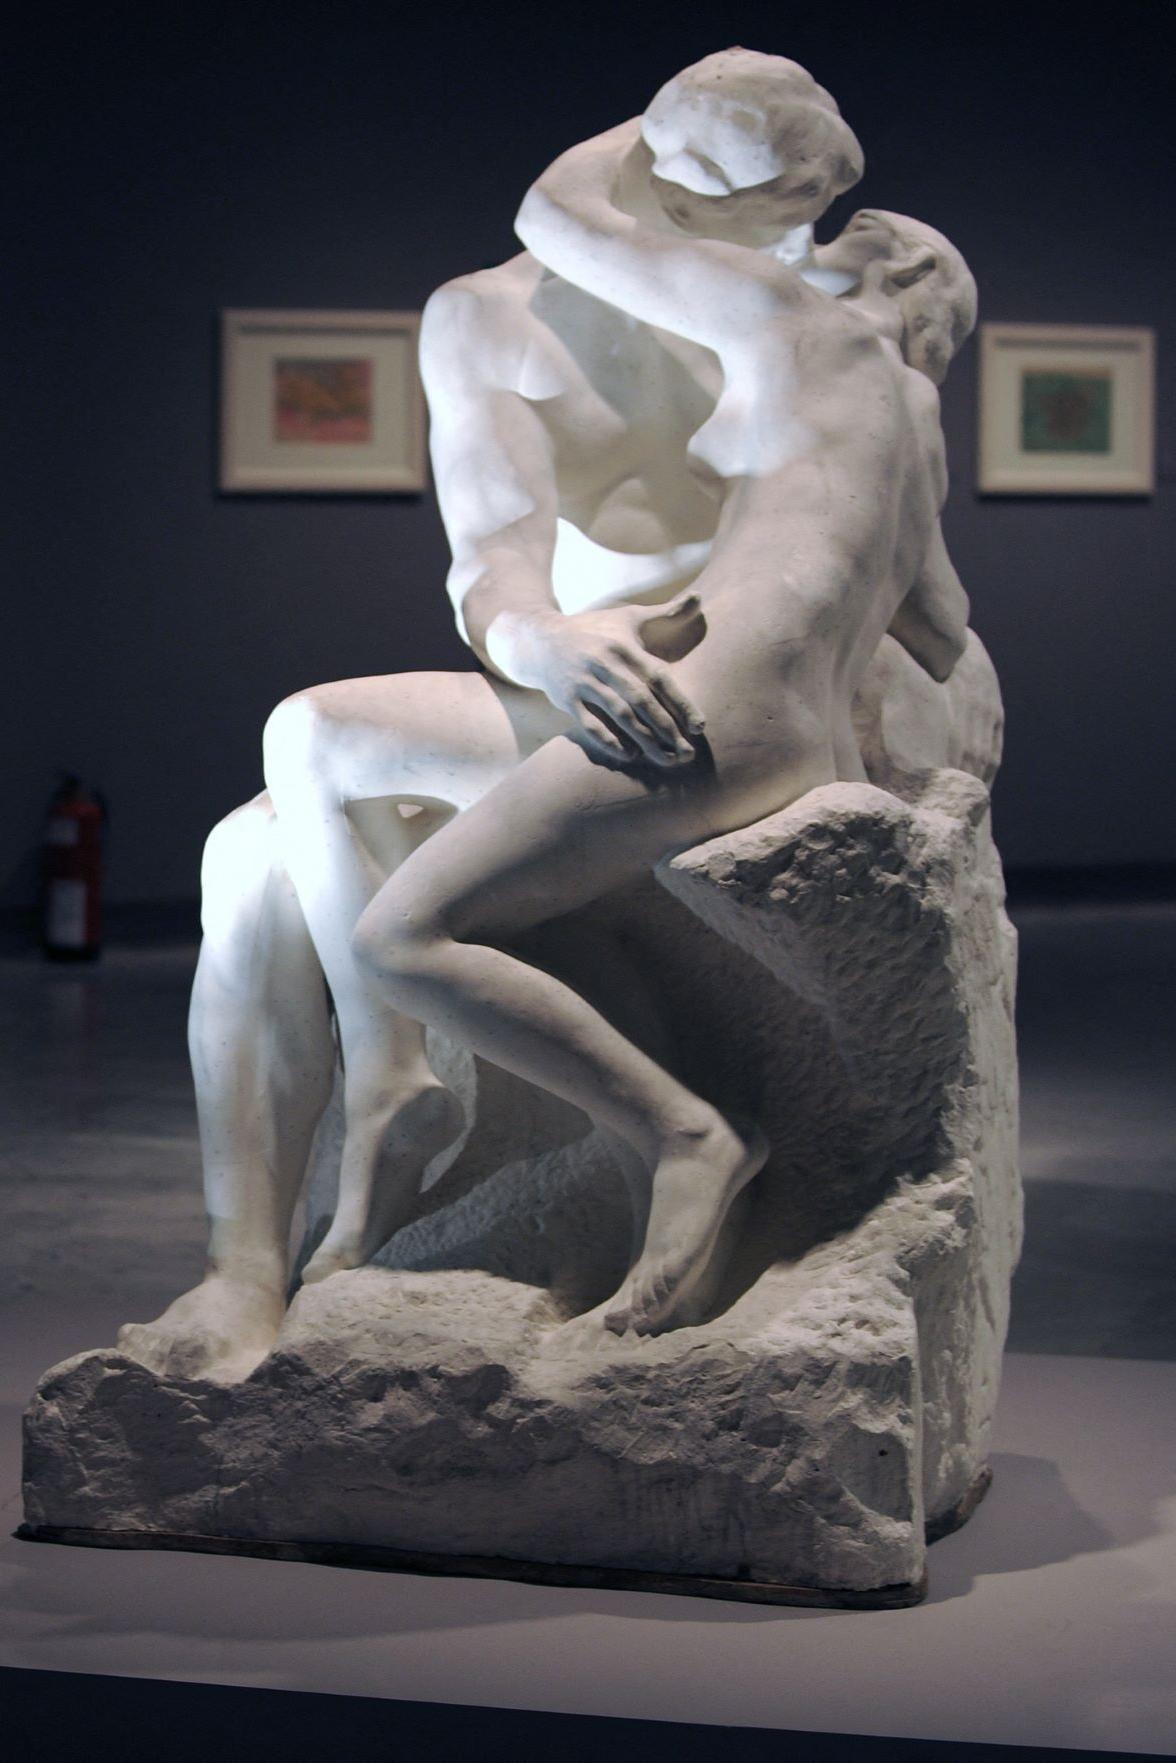 Rodin's famous sculpture 'The Kiss'. Photo: Philippe Desmazes/AFP